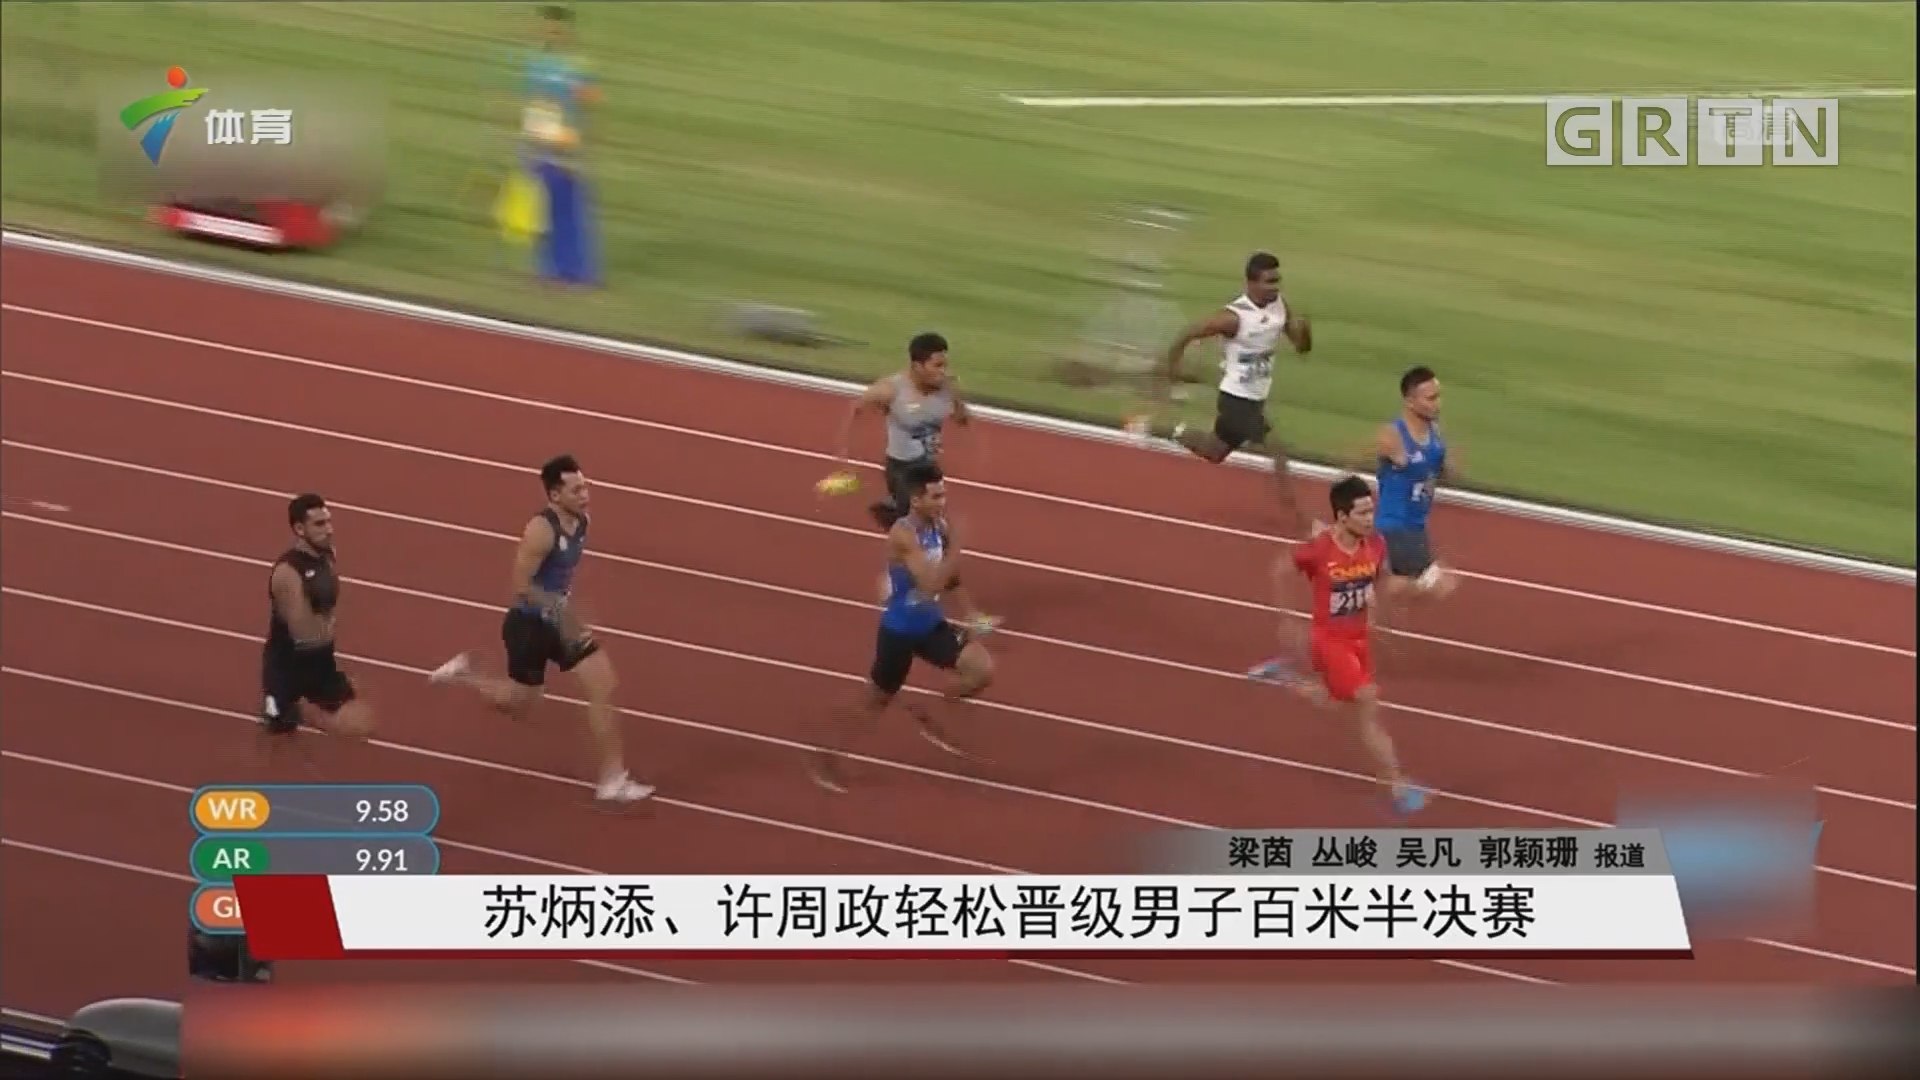 苏炳添、许周政轻松晋级男子百米半决赛